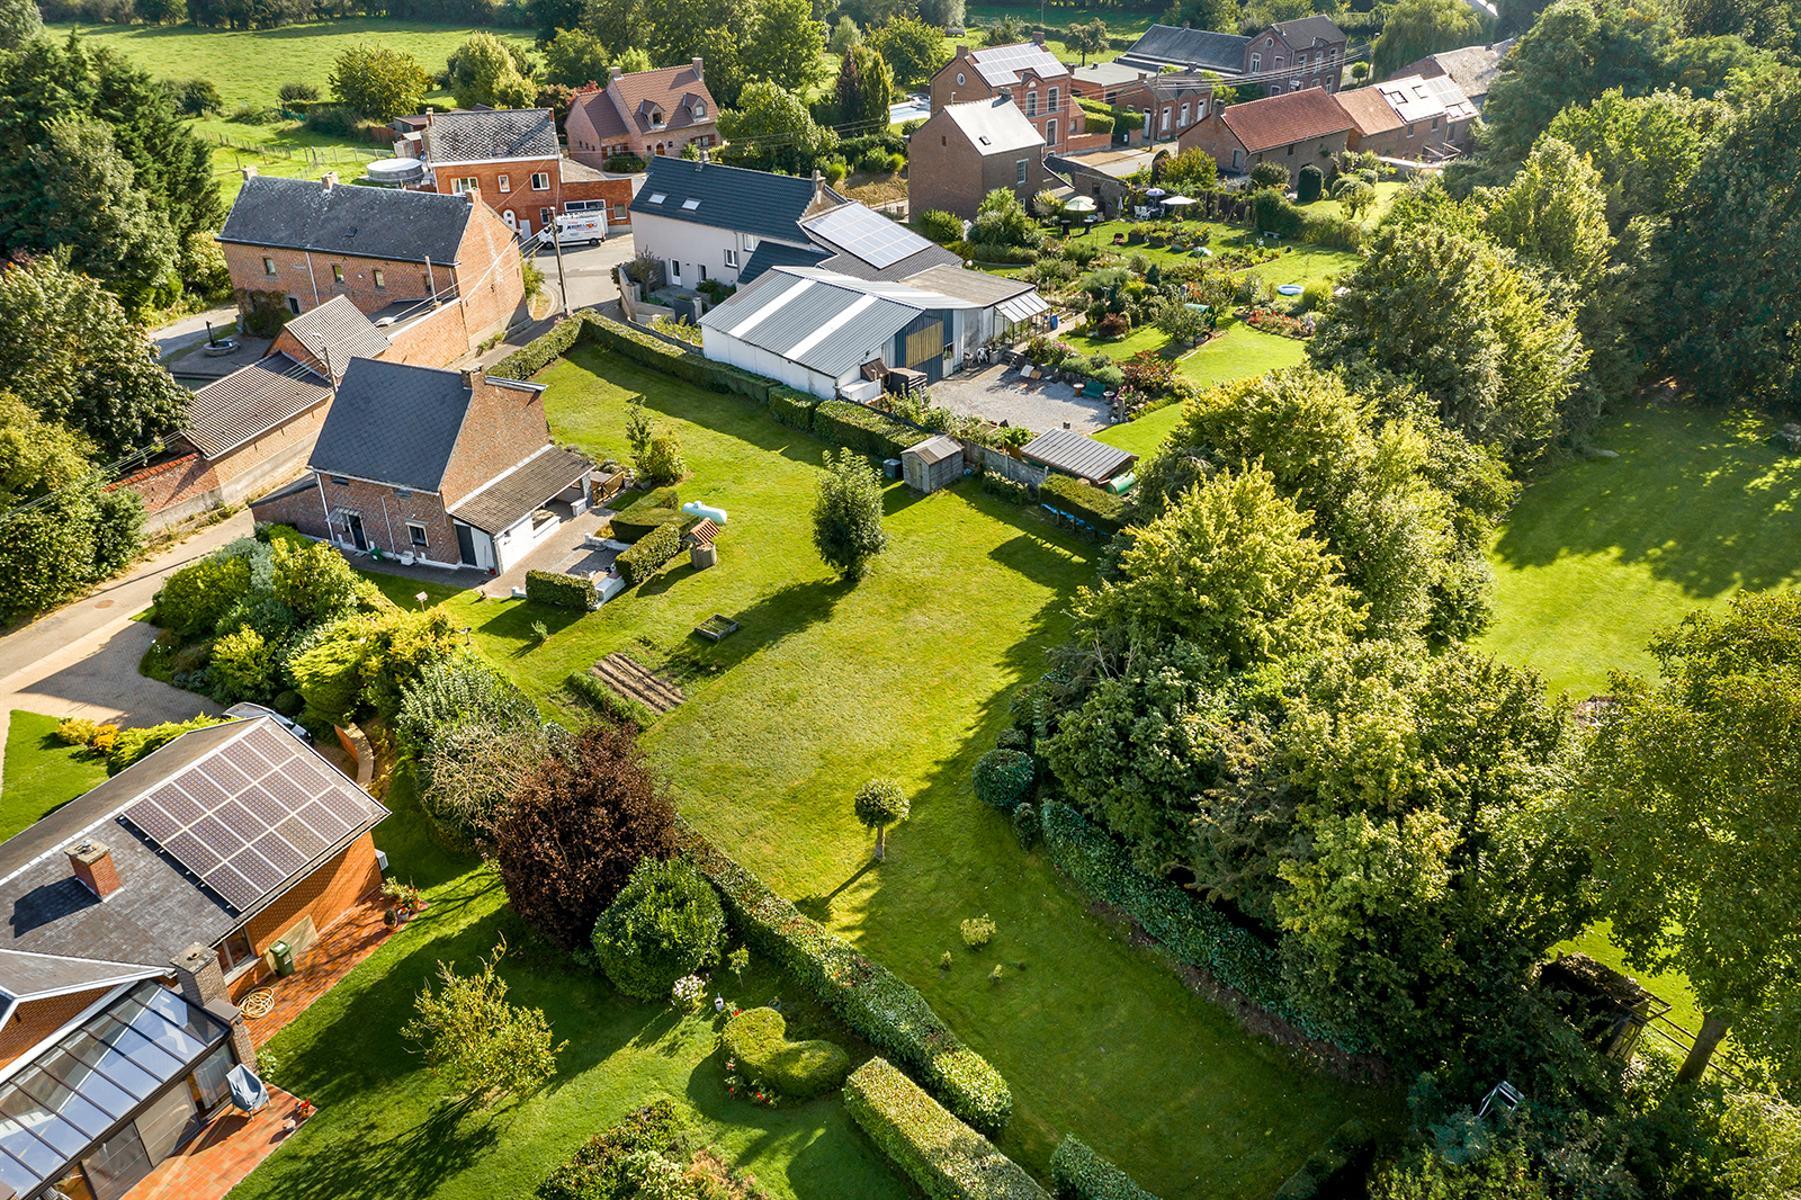 Maison - Braives Villeen-Hesbaye - #4496111-29